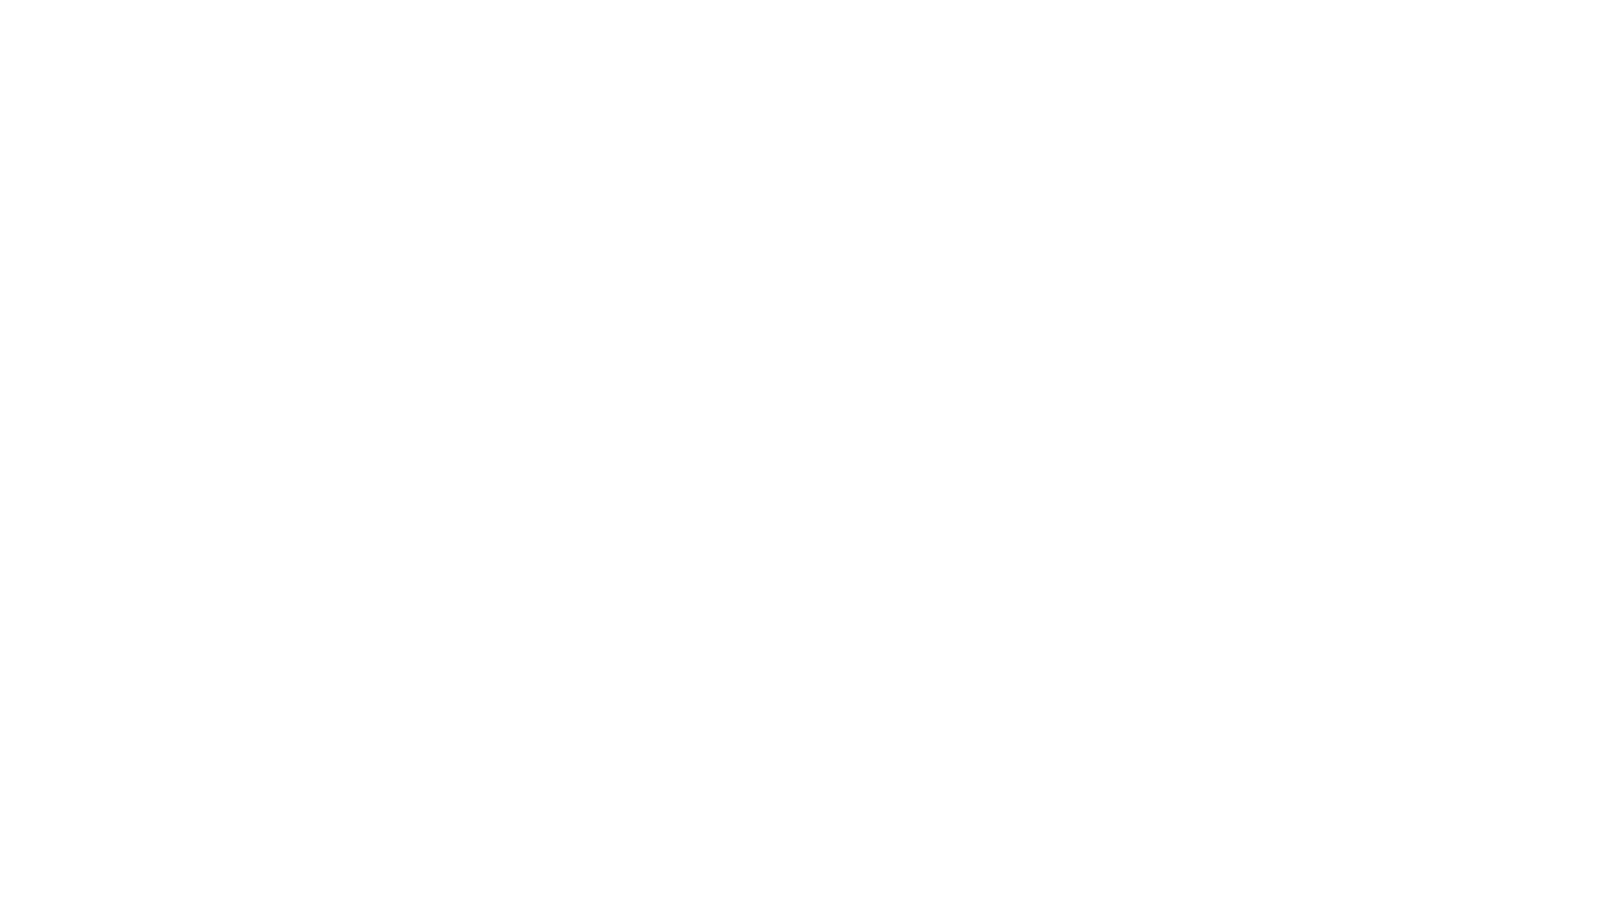 Konevuokraamo Rentin toimitusjohtaja Juha Leivo kertoo Rentin synnystä ja yrityksen nykytilasta, sekä tuotteista ja palveluista. Videohaastattelu on tehty Satakunnan Yrittäjien valittua Konevuokraamo Rentti / Tracwest Oy:n Satakunnan vuoden yritykseksi vuonna 2020. Videon kuvaus ja editointi: Satakunnan Kansa / Pekka Kallionpää.